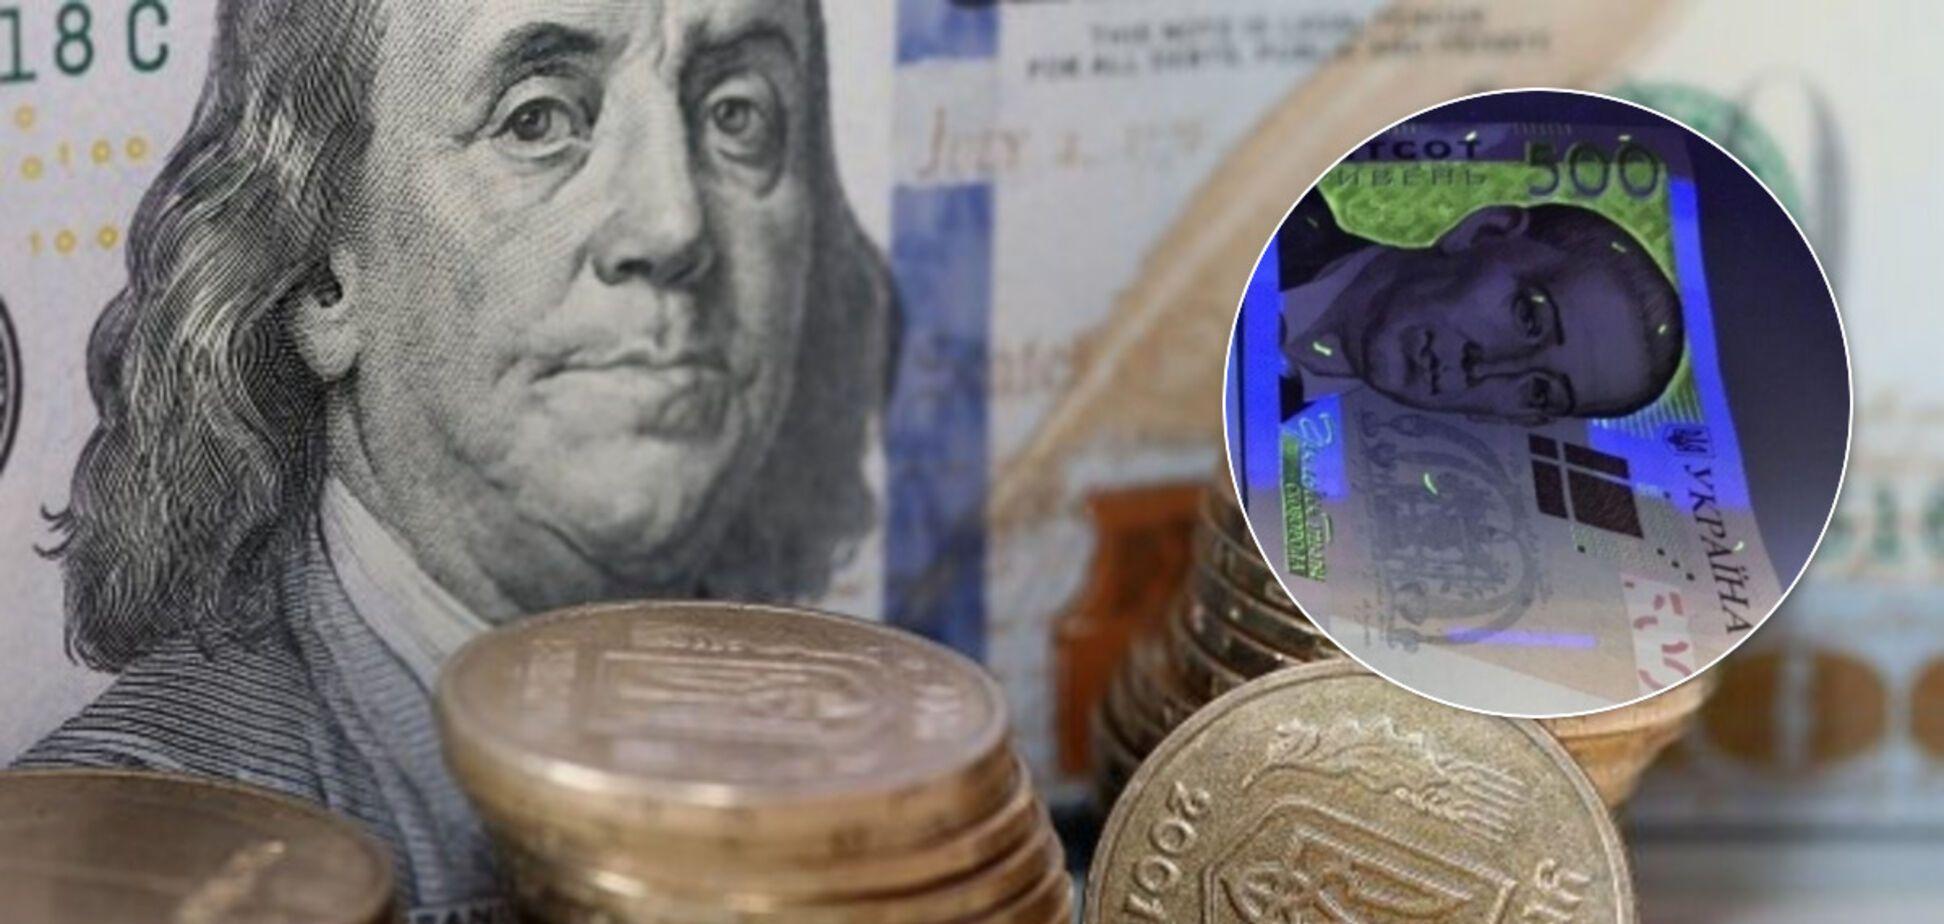 Украинцам продают фальшивки: деньги массово печатают и распространяют по всей стране